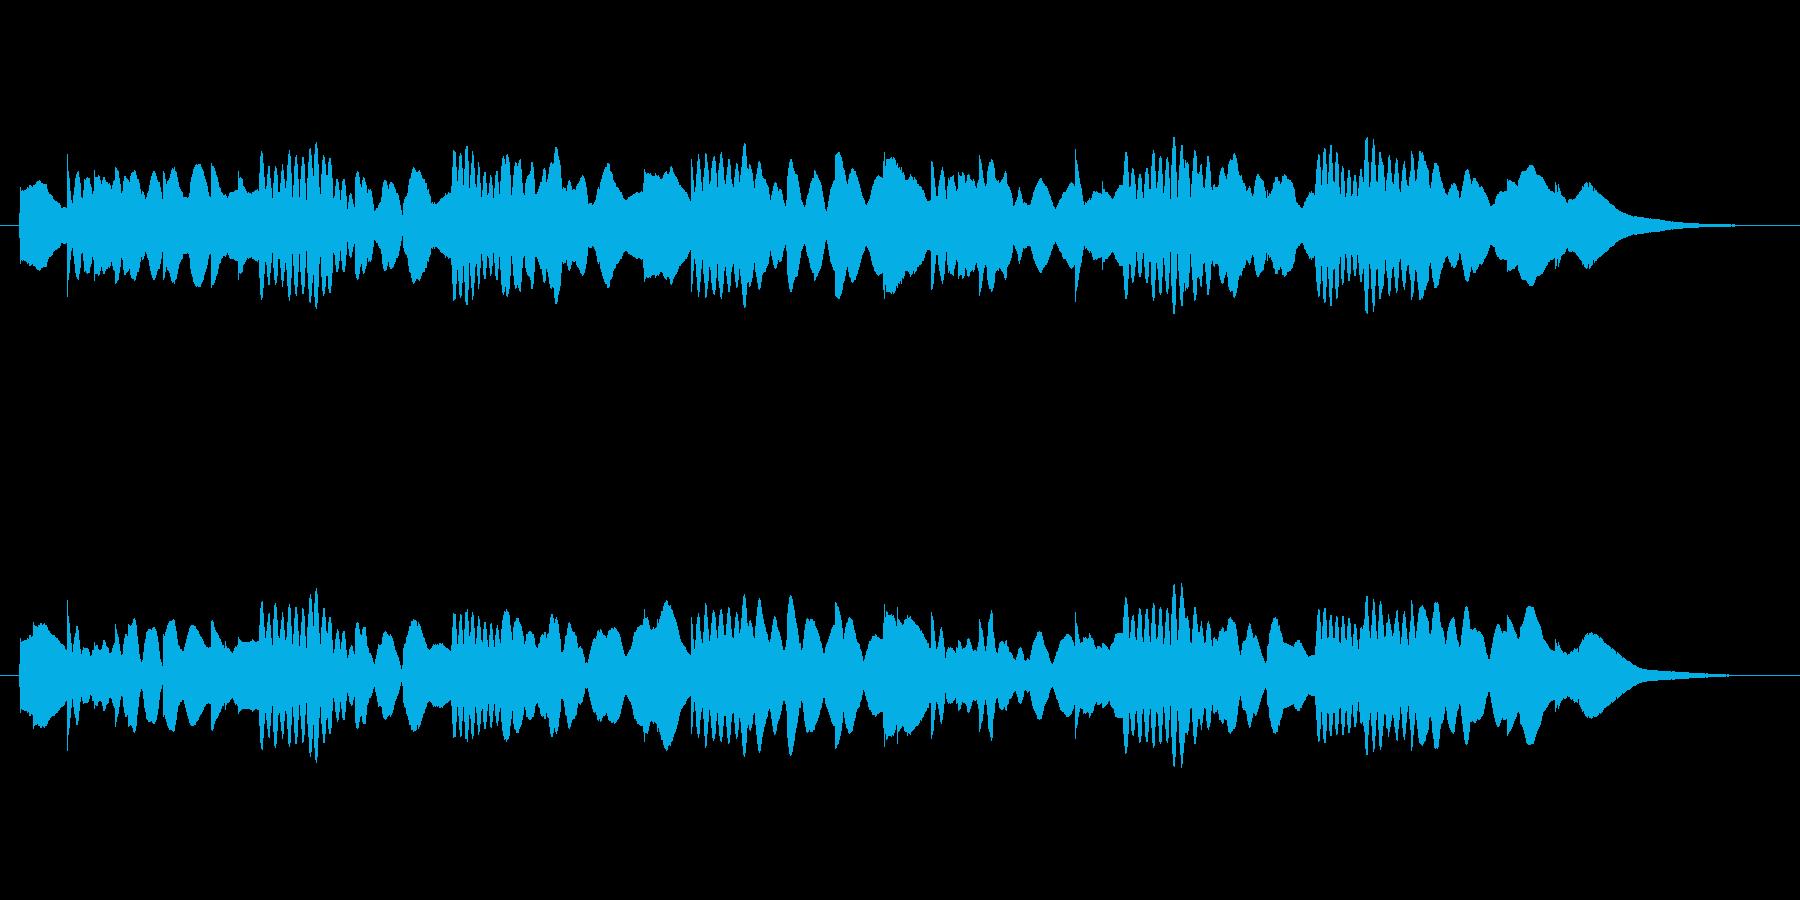 透明感のあるシンセ音(不思議、神秘的)の再生済みの波形